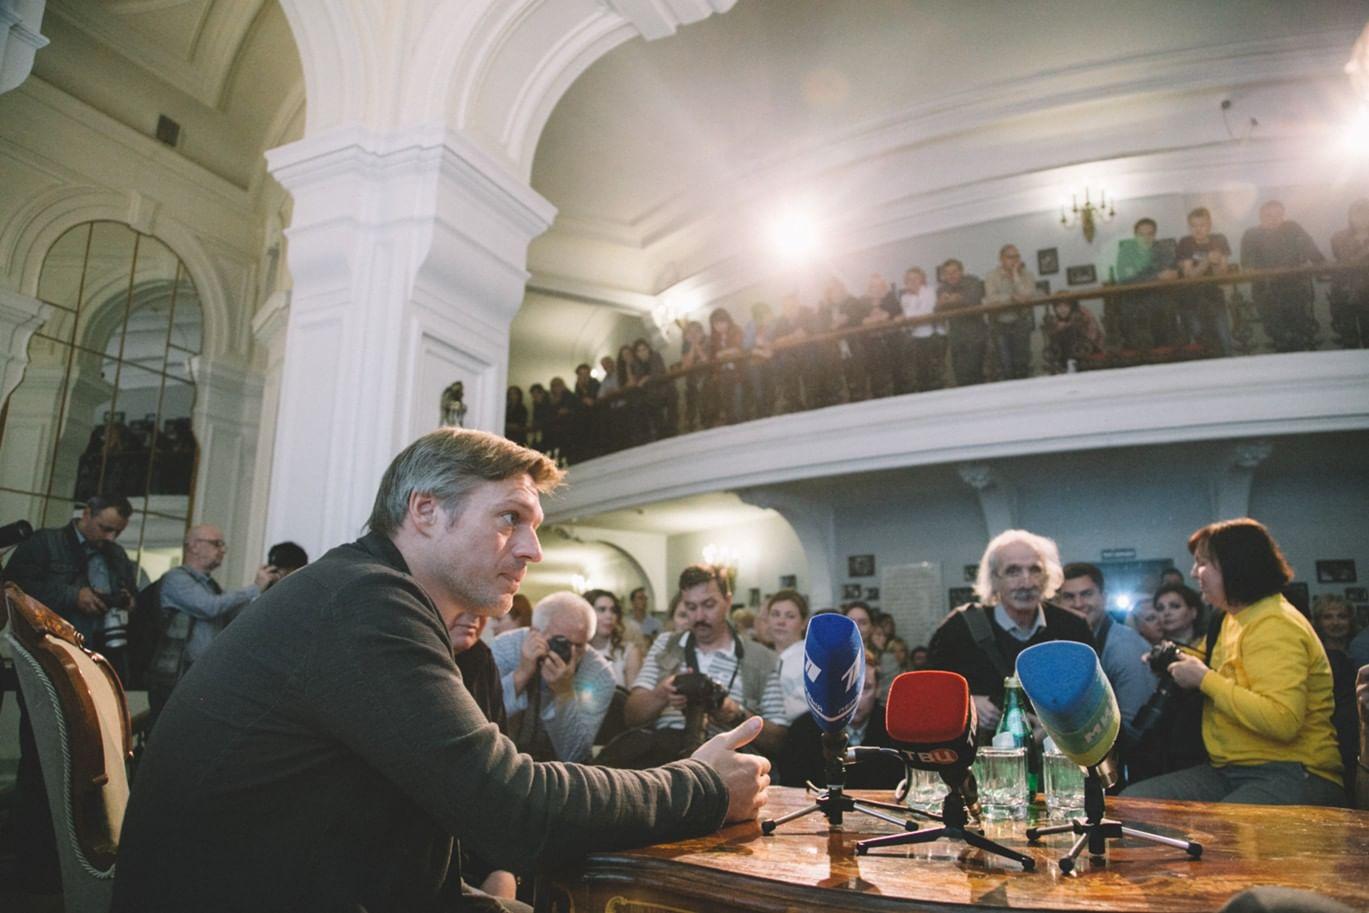 Миндаугас Карбаускис. Фотографии предоставлены пресс-службой Театра Маяковского